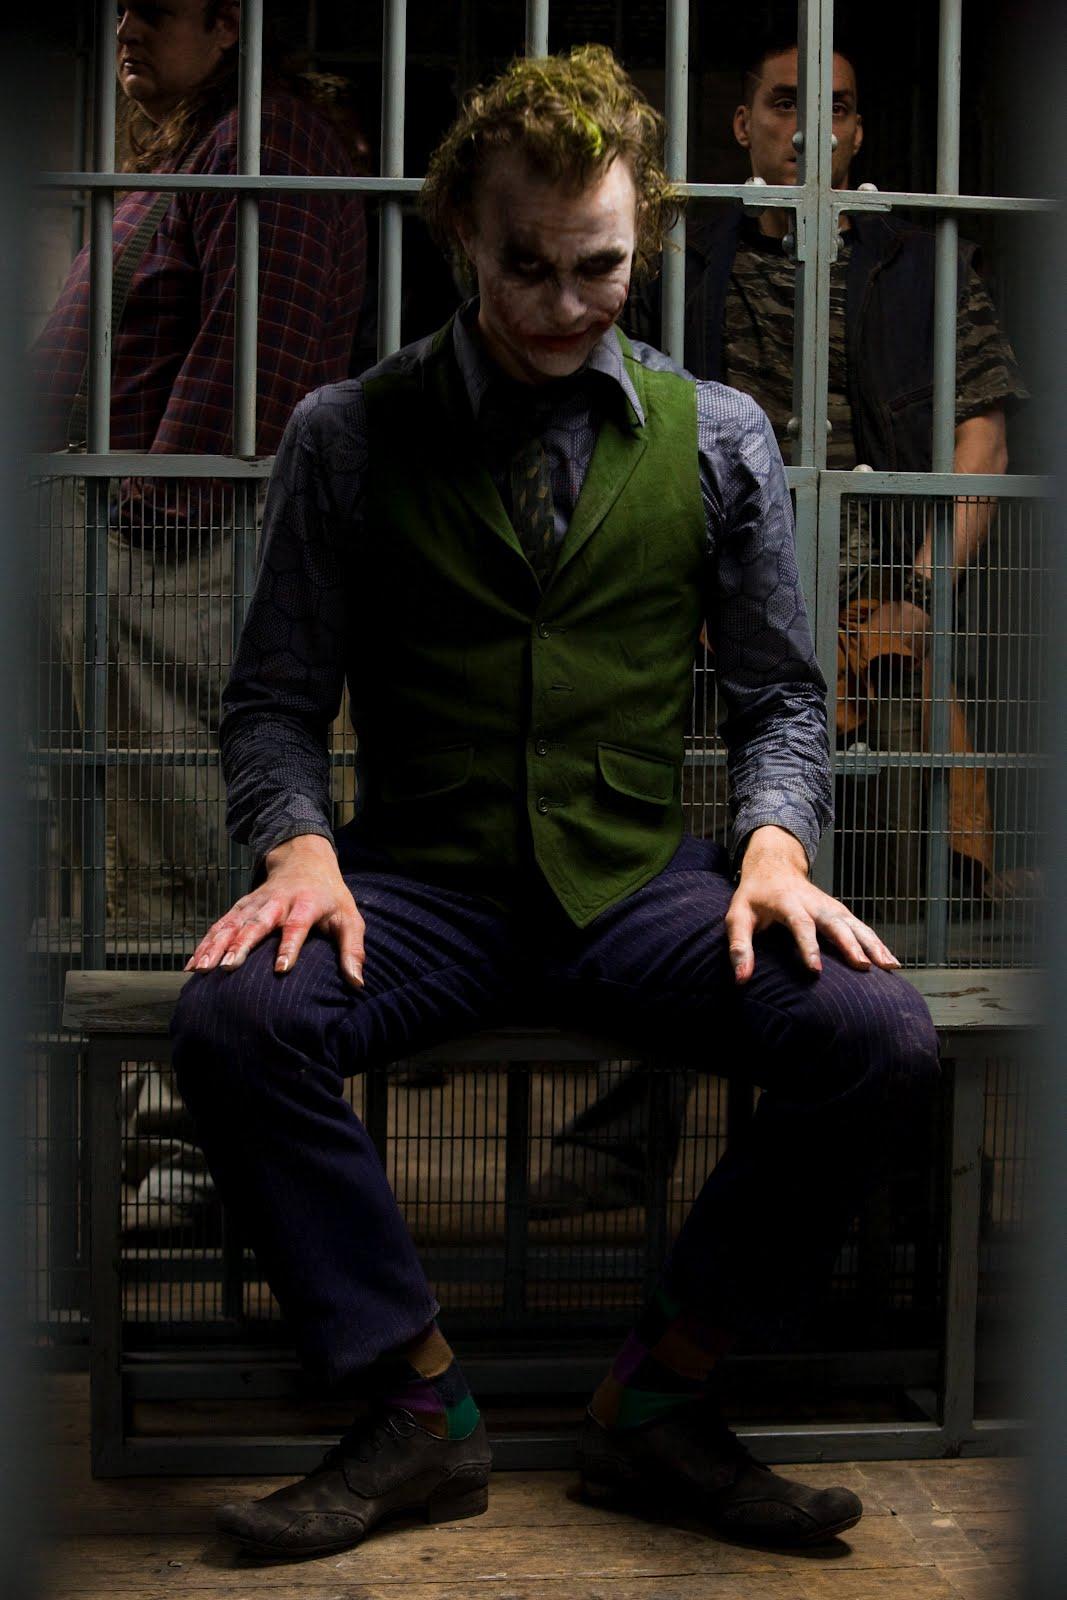 http://1.bp.blogspot.com/-ectmMr46cZ4/TxhxsDSG4hI/AAAAAAAABGI/tuoeD5yrXb4/s1600/joker.jpg